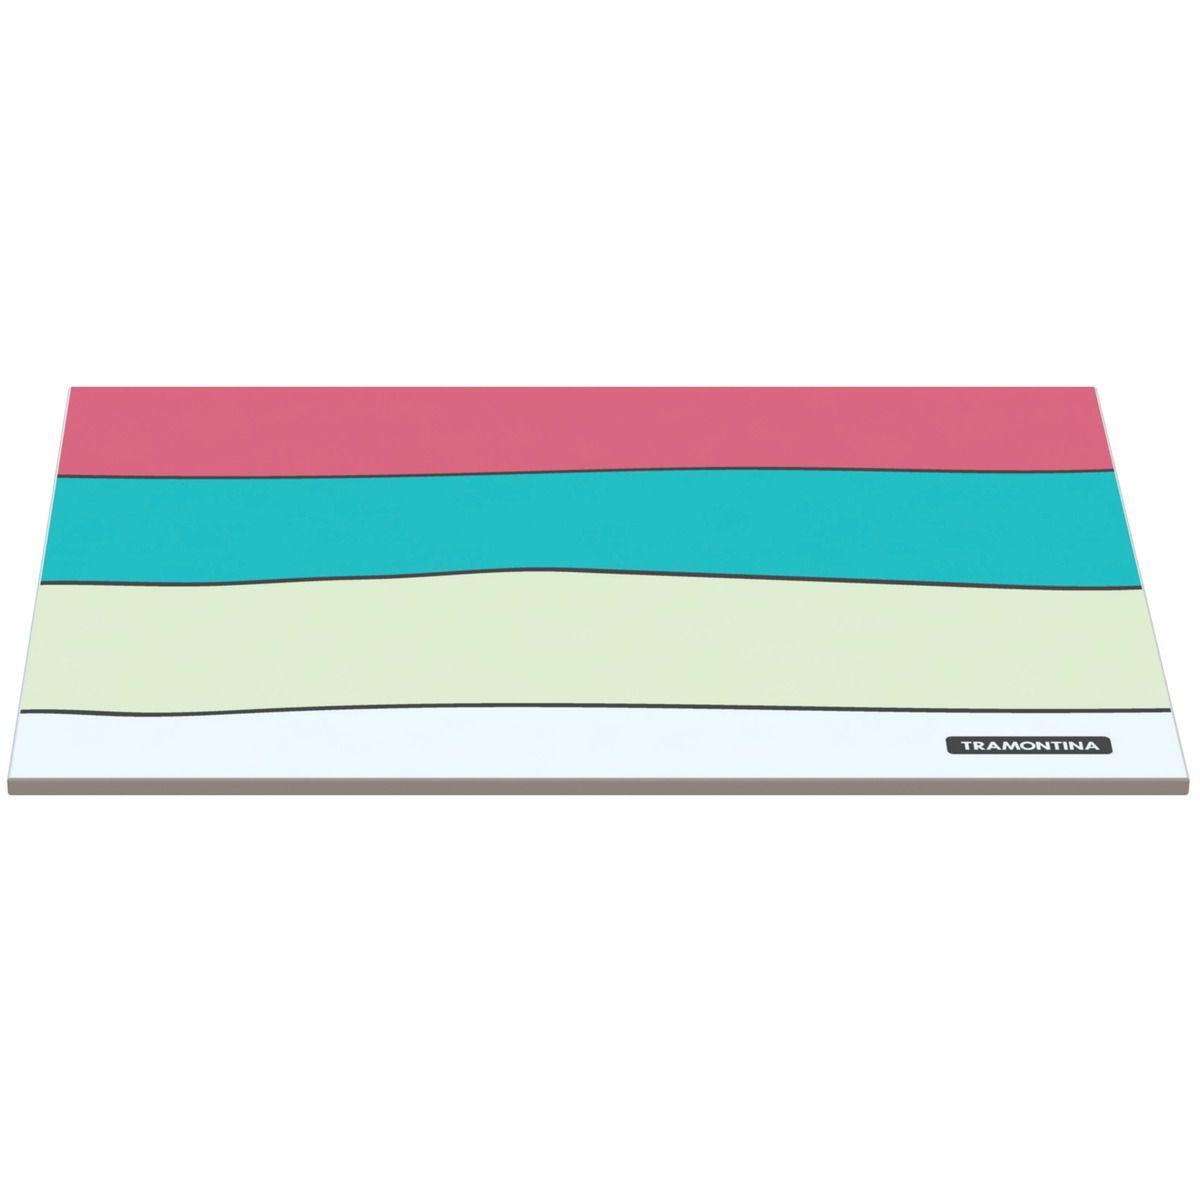 Tábua Tramontina Retangular em Vidro Branco com Estampa Colorida 25x35 cm 10399/002 | Lojas Estrela